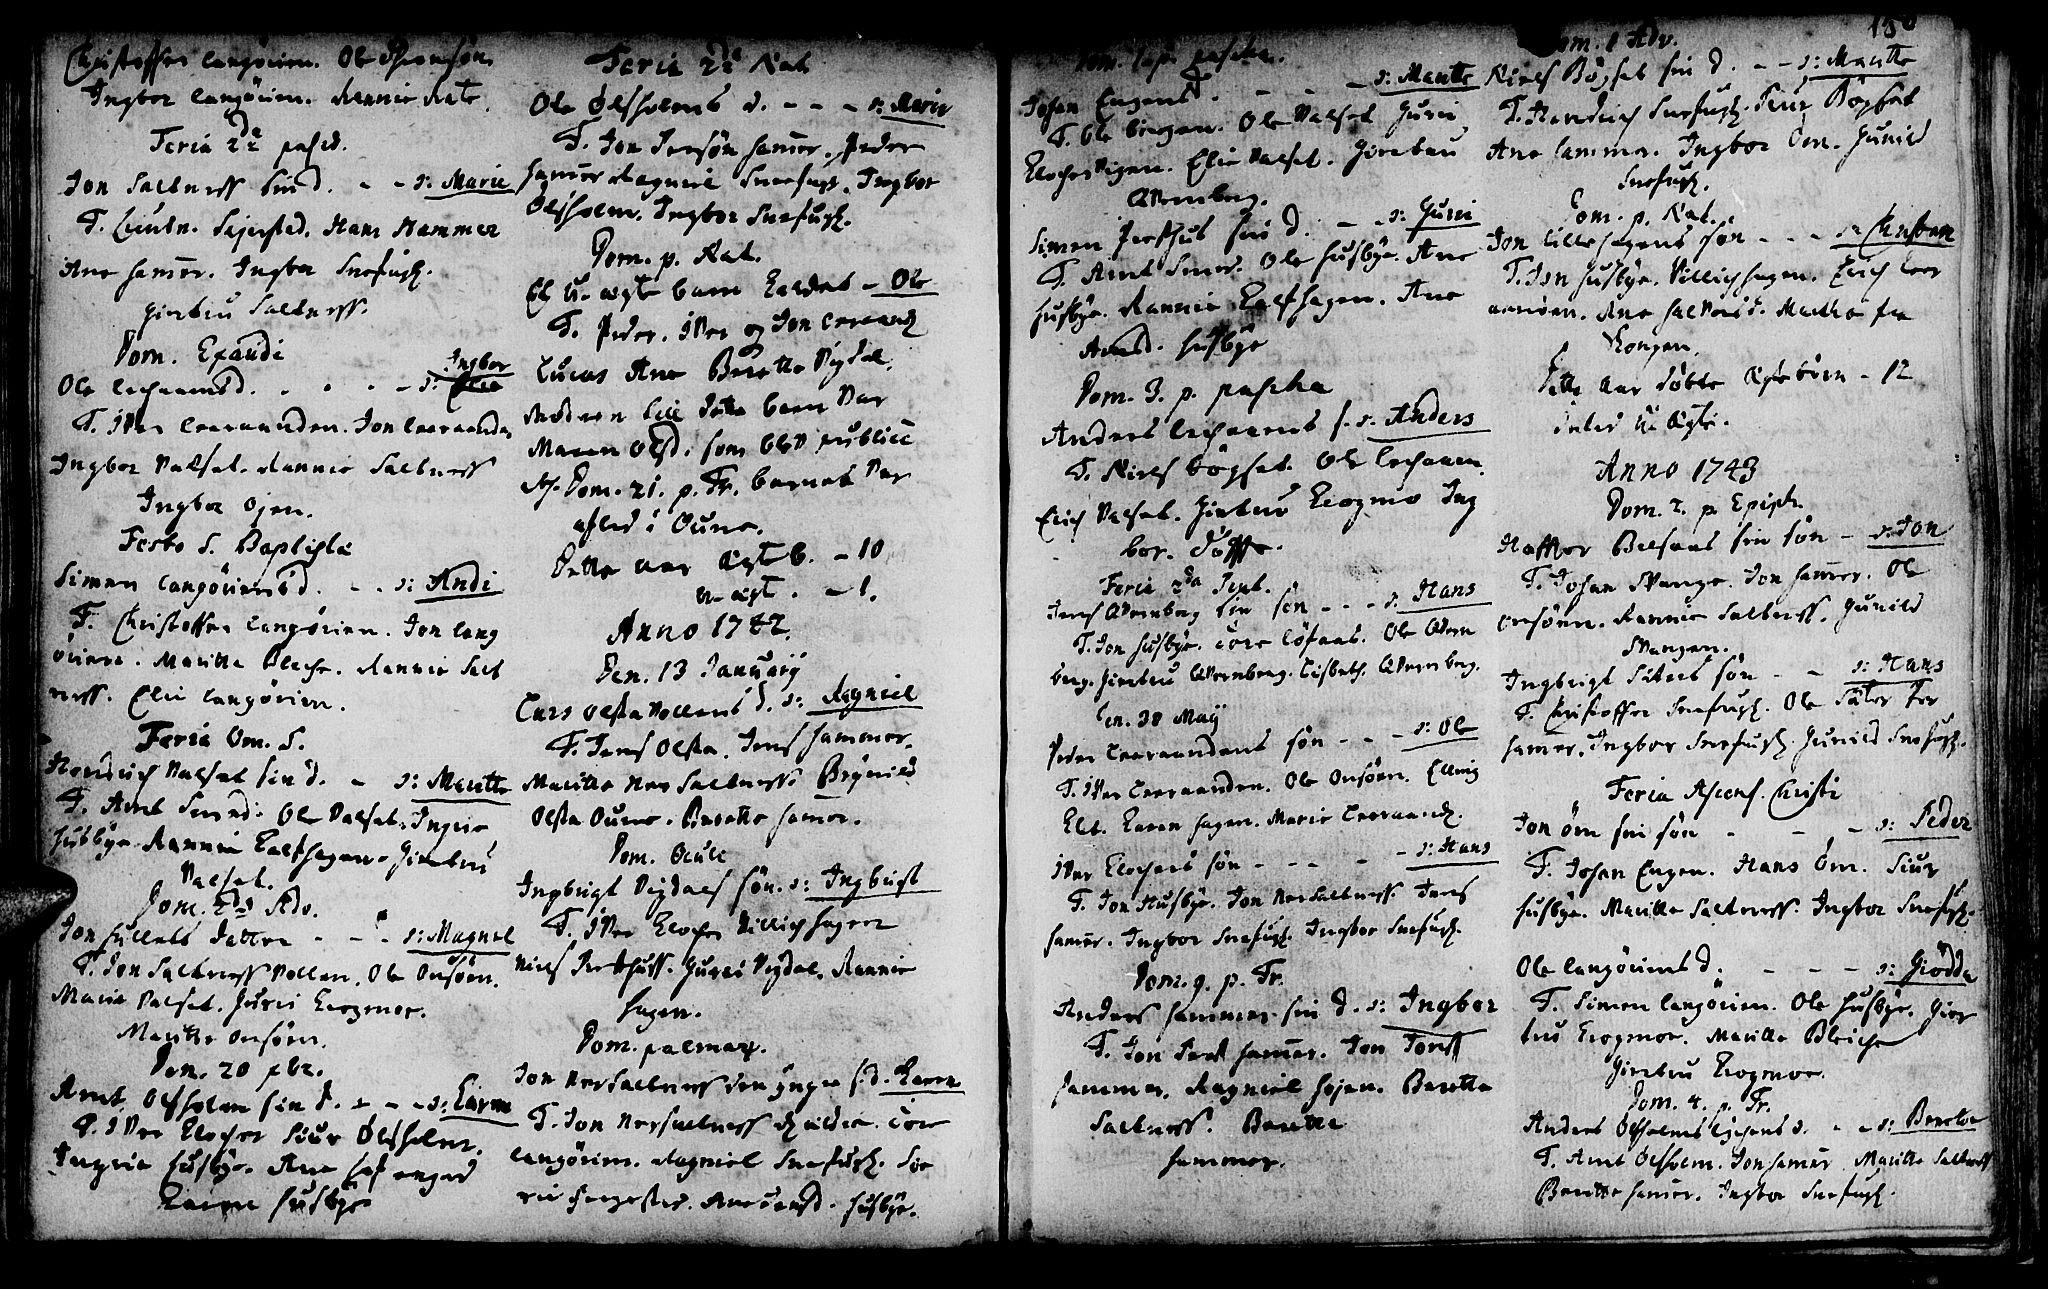 SAT, Ministerialprotokoller, klokkerbøker og fødselsregistre - Sør-Trøndelag, 666/L0783: Ministerialbok nr. 666A01, 1702-1753, s. 150